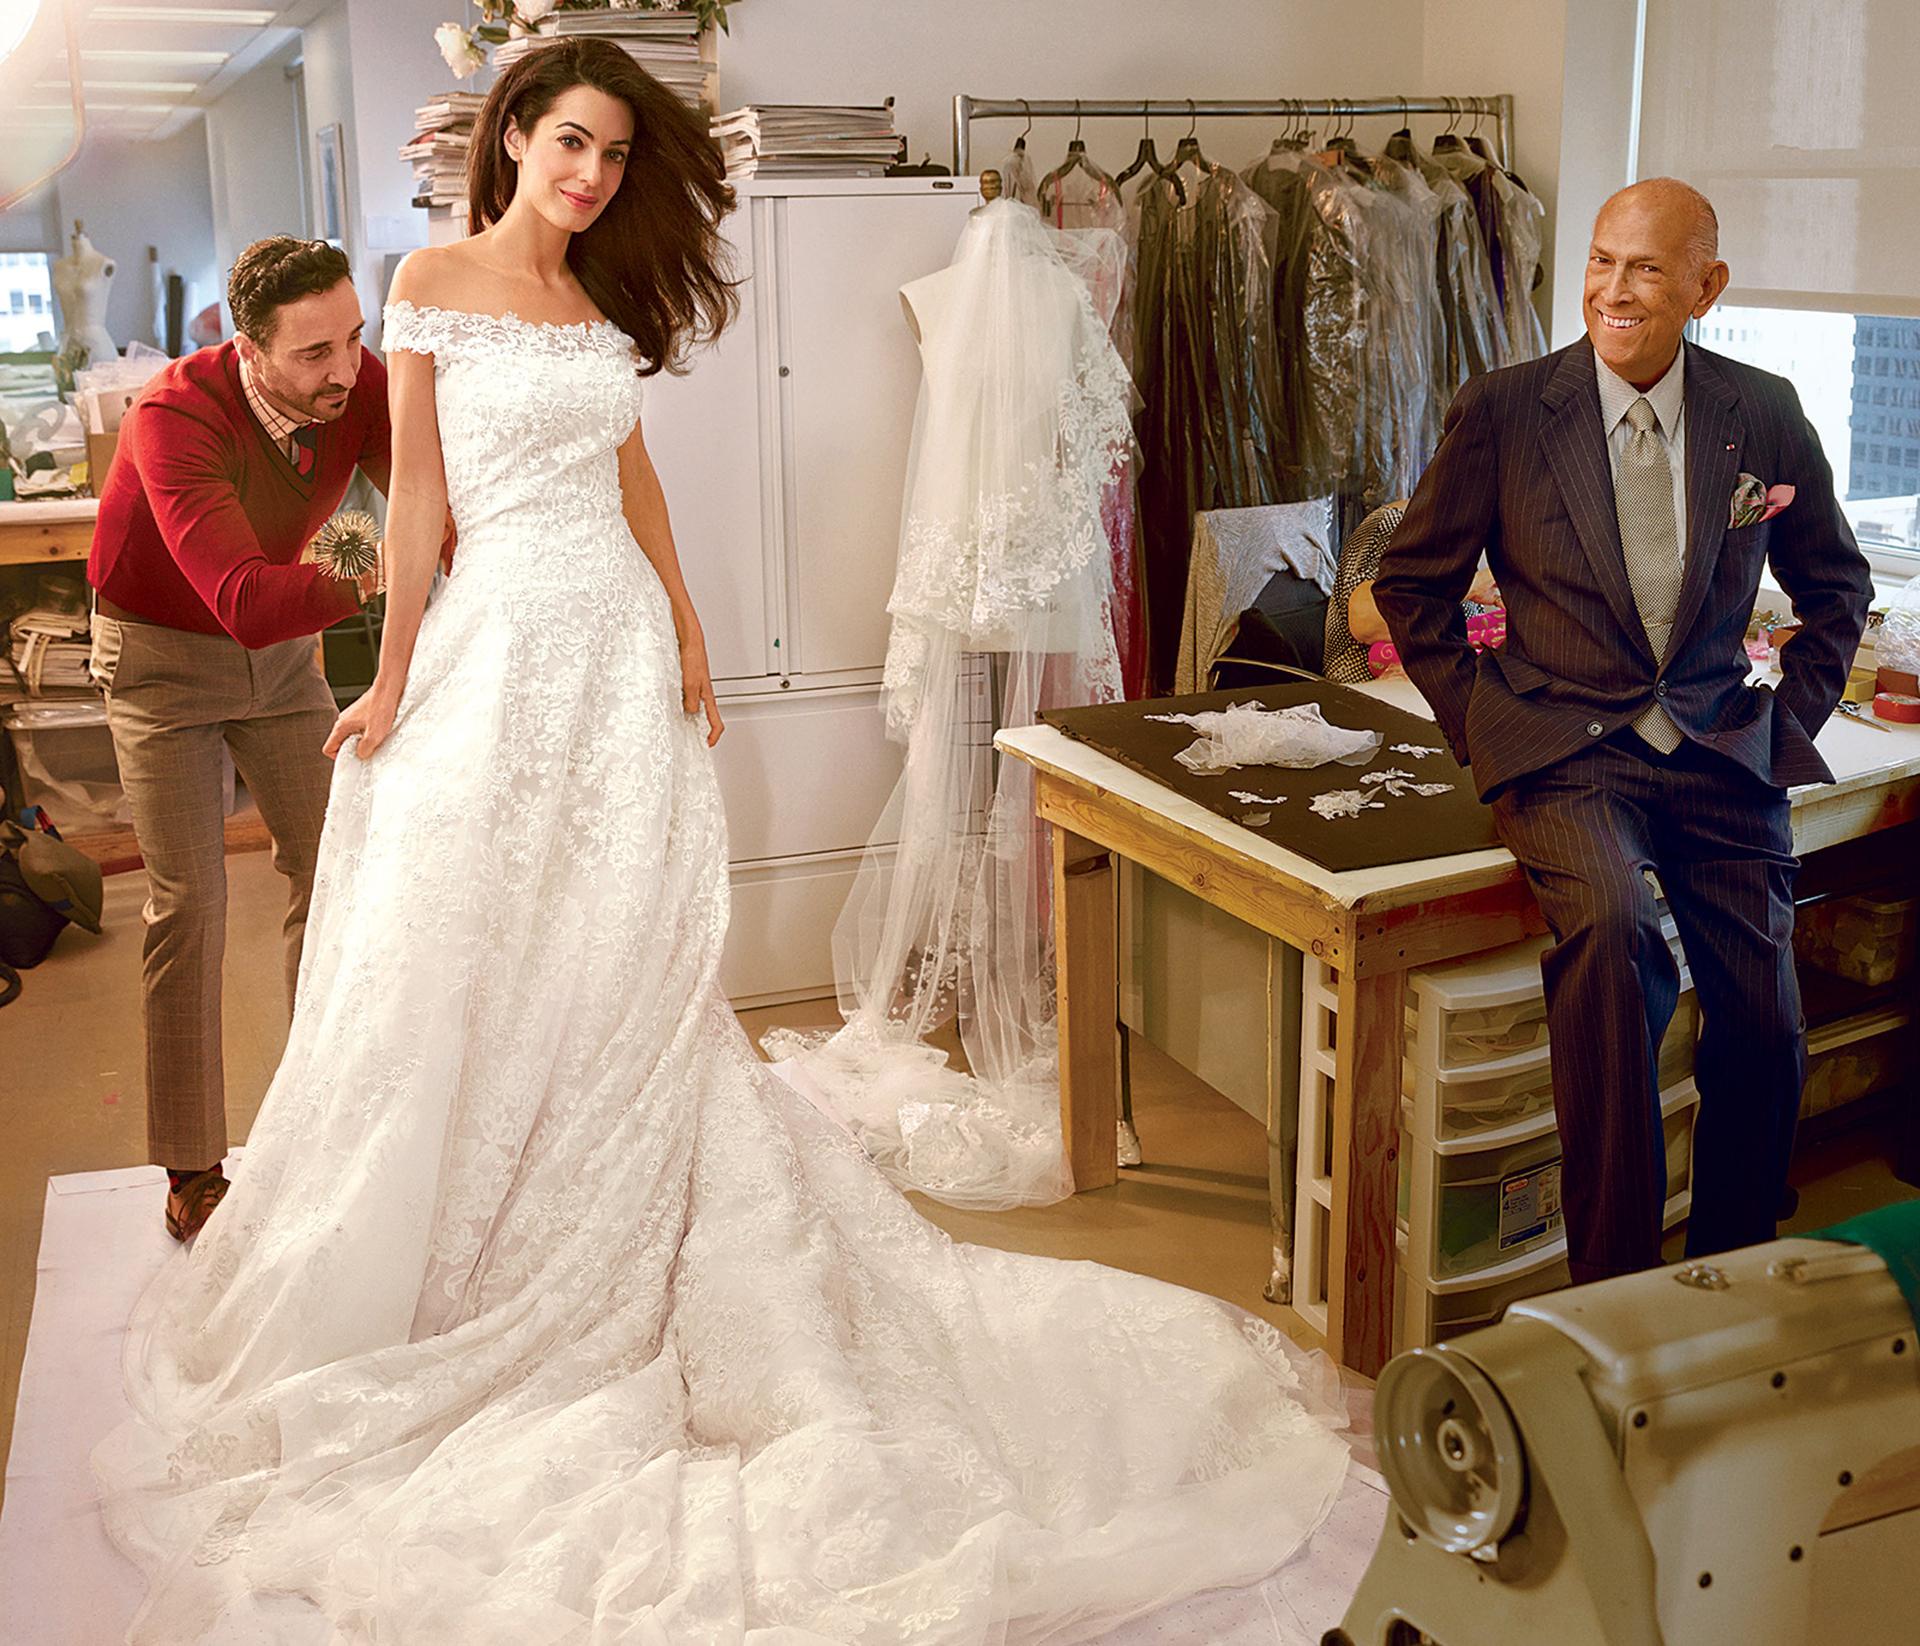 e638e835e Los 10 vestidos más caros de la historia de la moda - Infobae